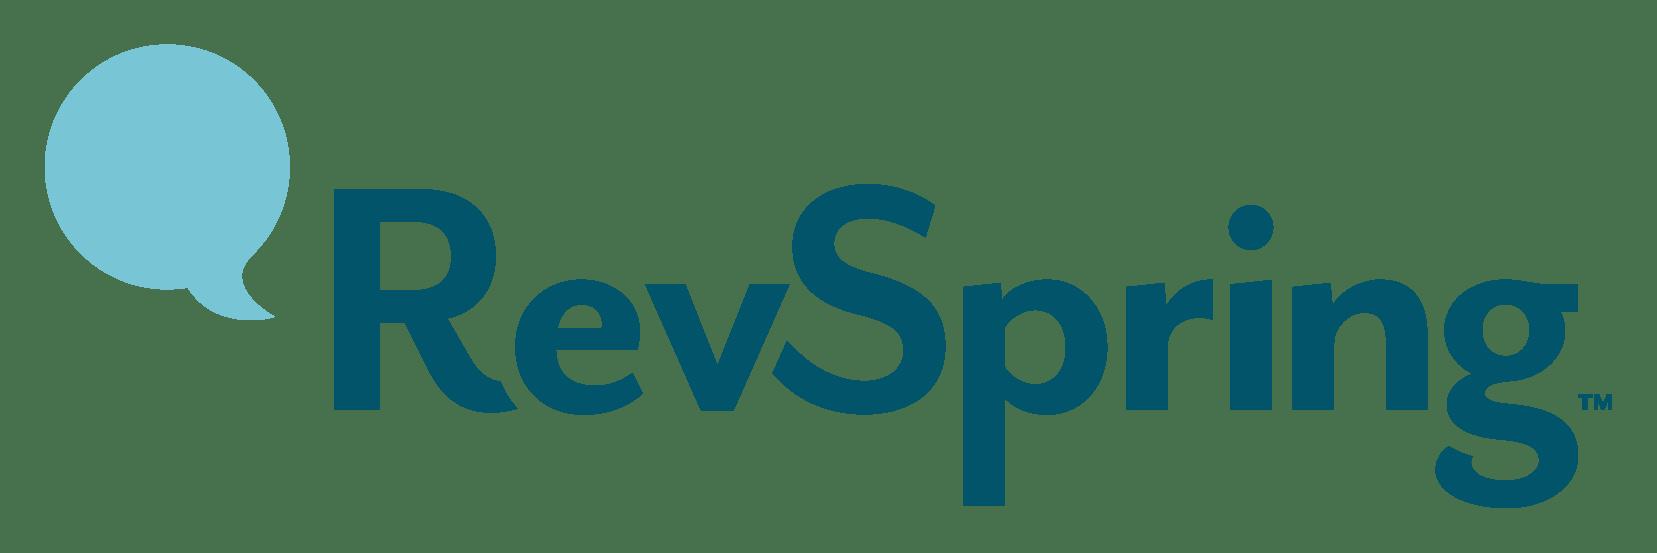 RevSpring logo